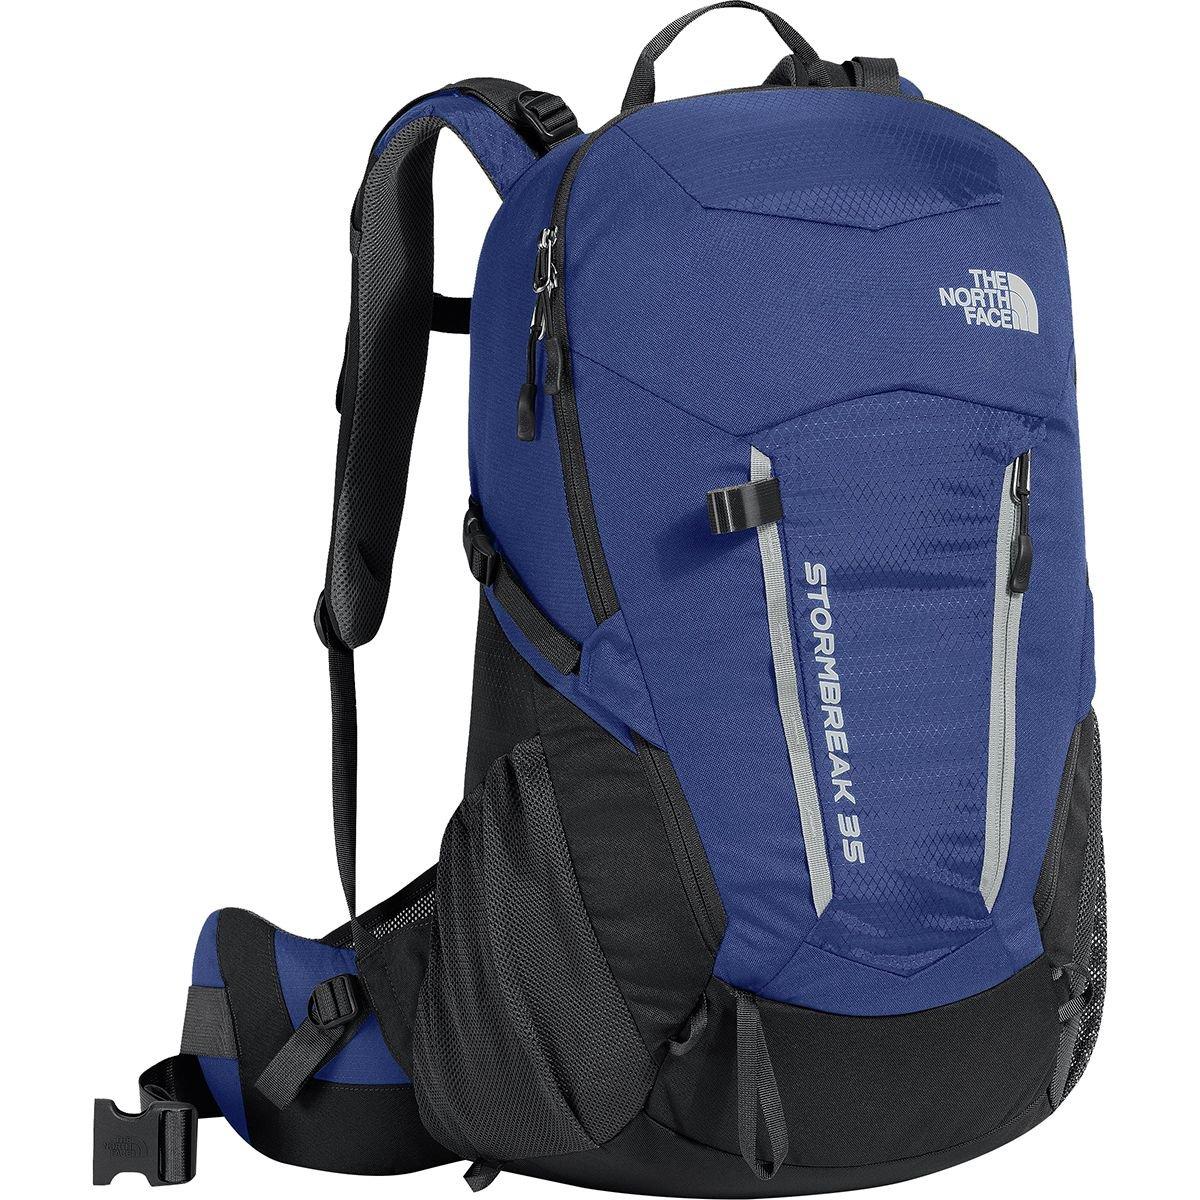 (ザノースフェイス) The North Face Stormbreak 35L Backpackメンズ バックパック リュック Sodalite Blue/Asphalt Grey [並行輸入品]   B079PJFW49